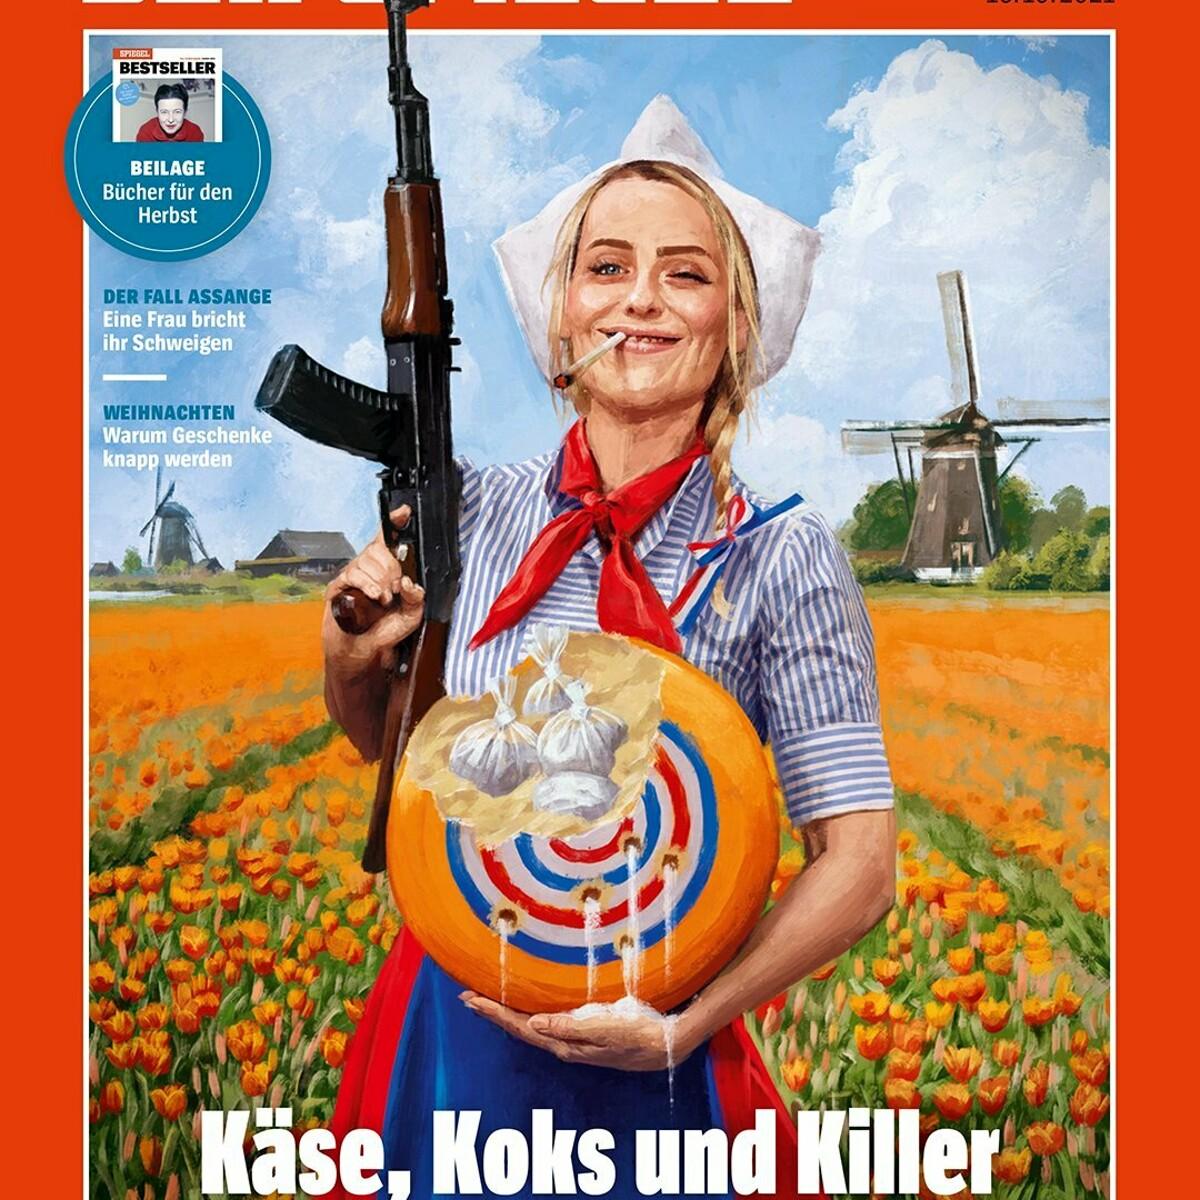 """""""Cacio, coca e killer, come l'Olanda ha reso grande la mafia"""": ora il tedesco Der Spiegel prende di mira i Paesi Bassi"""